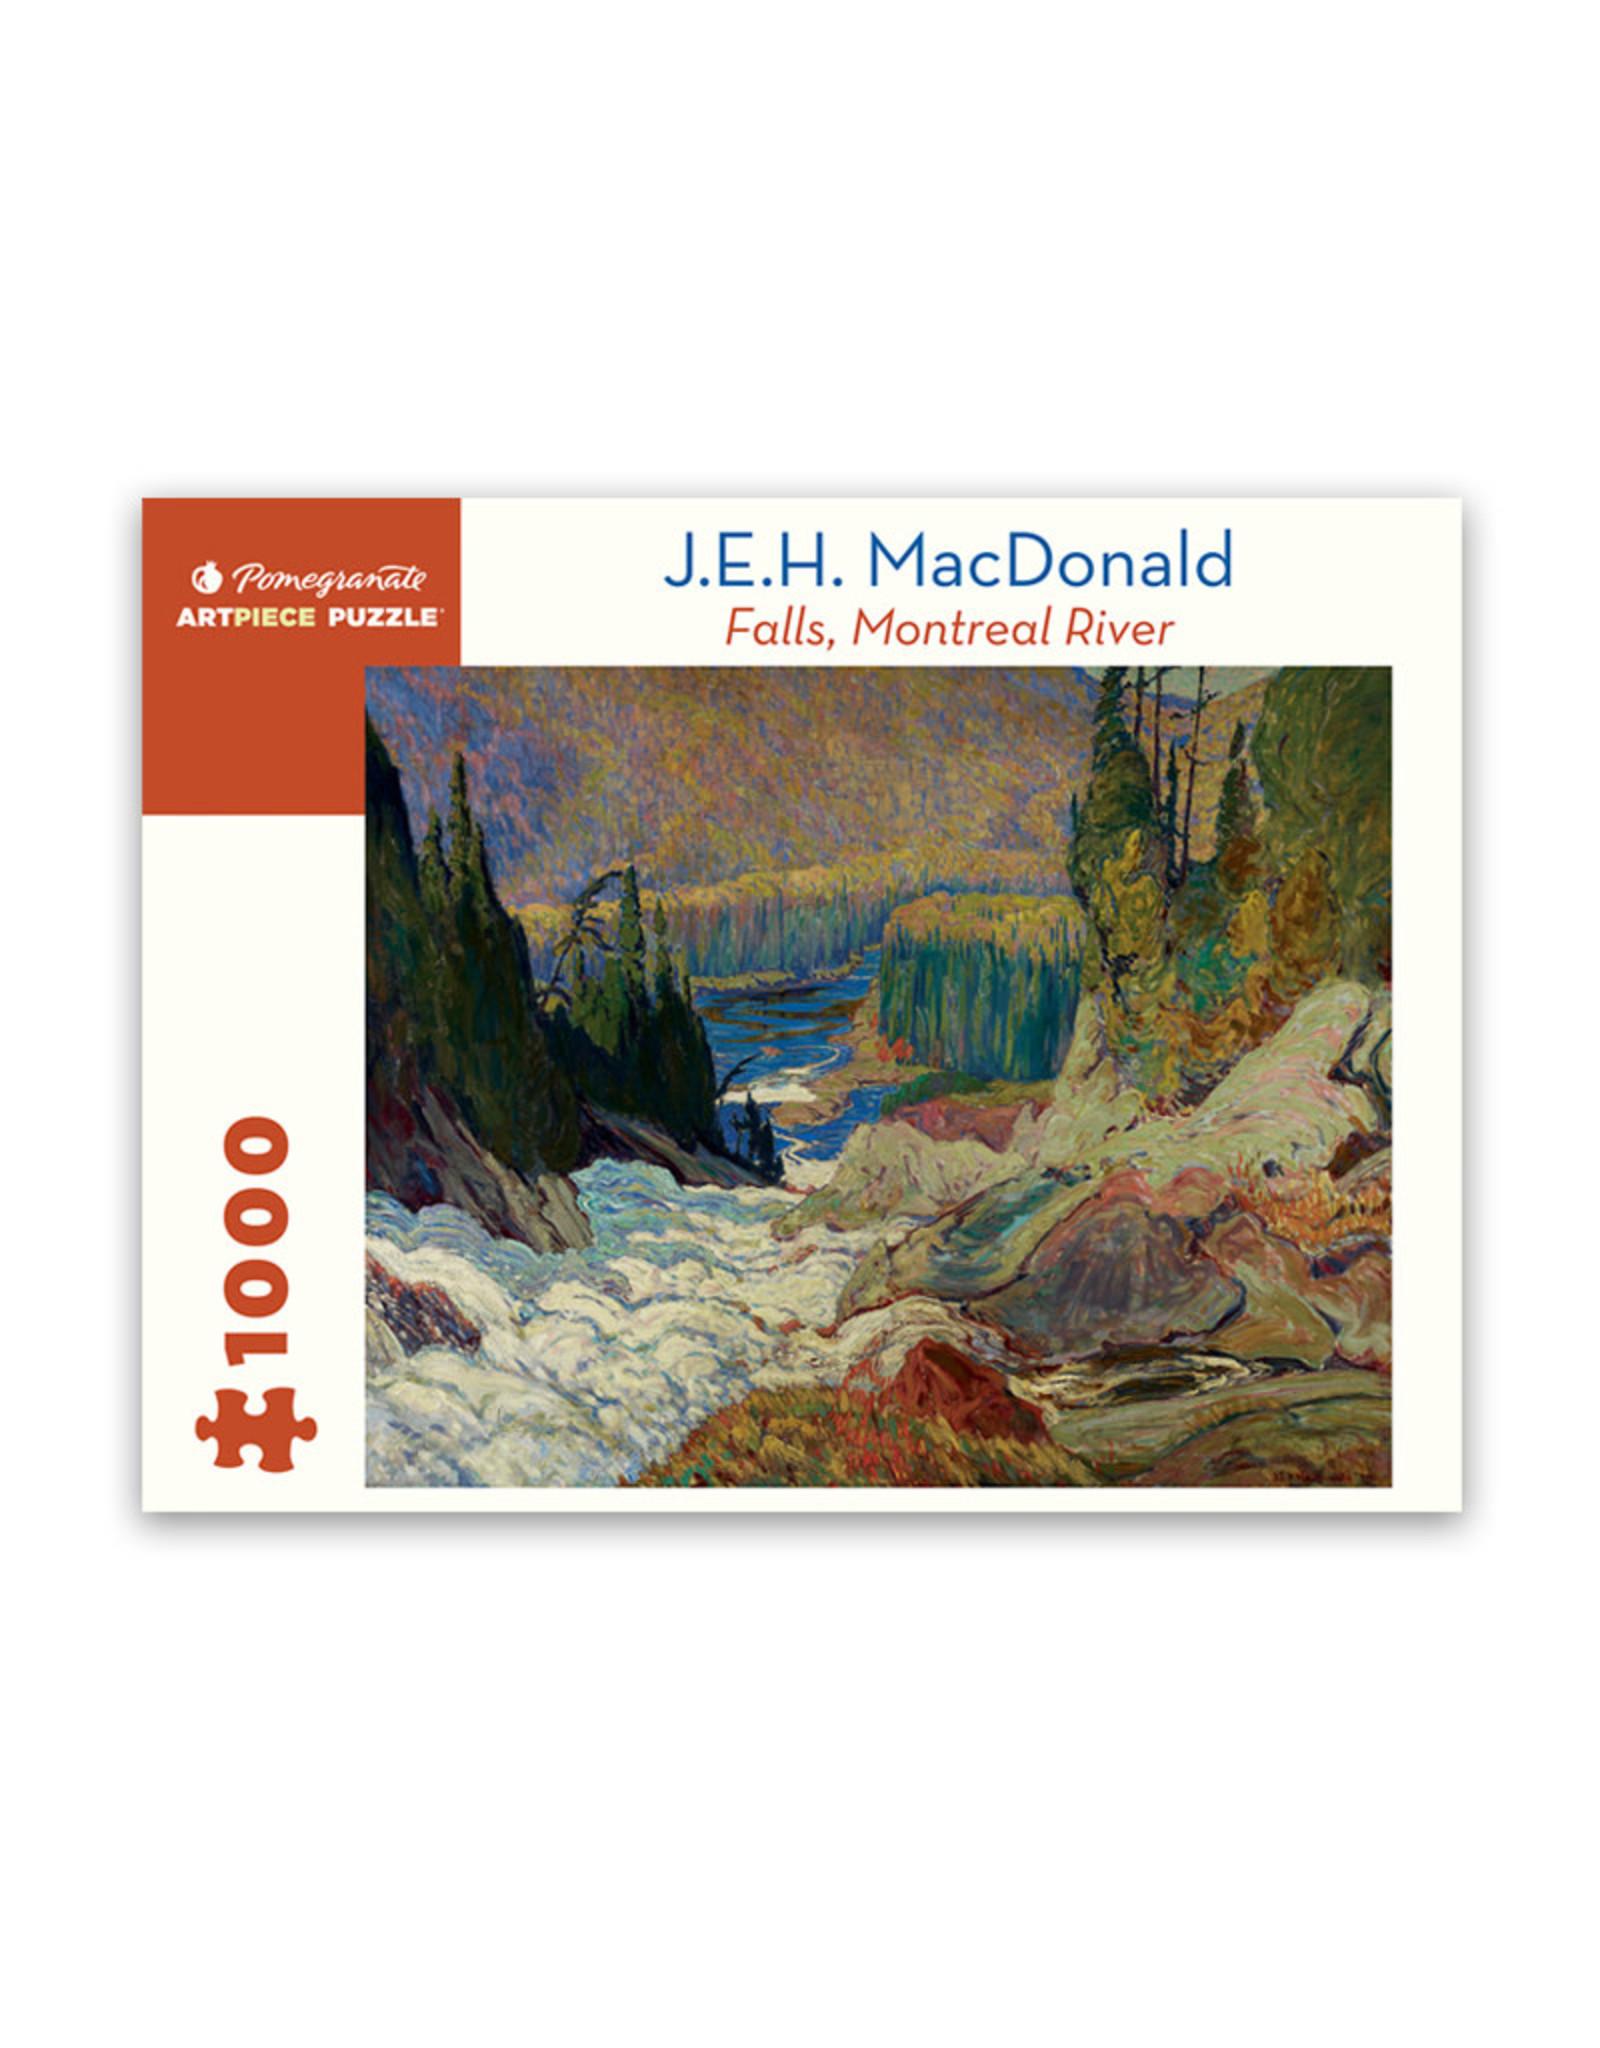 Pomegranate Falls, Montreal River Puzzle 1000 PCS (MacDonald)